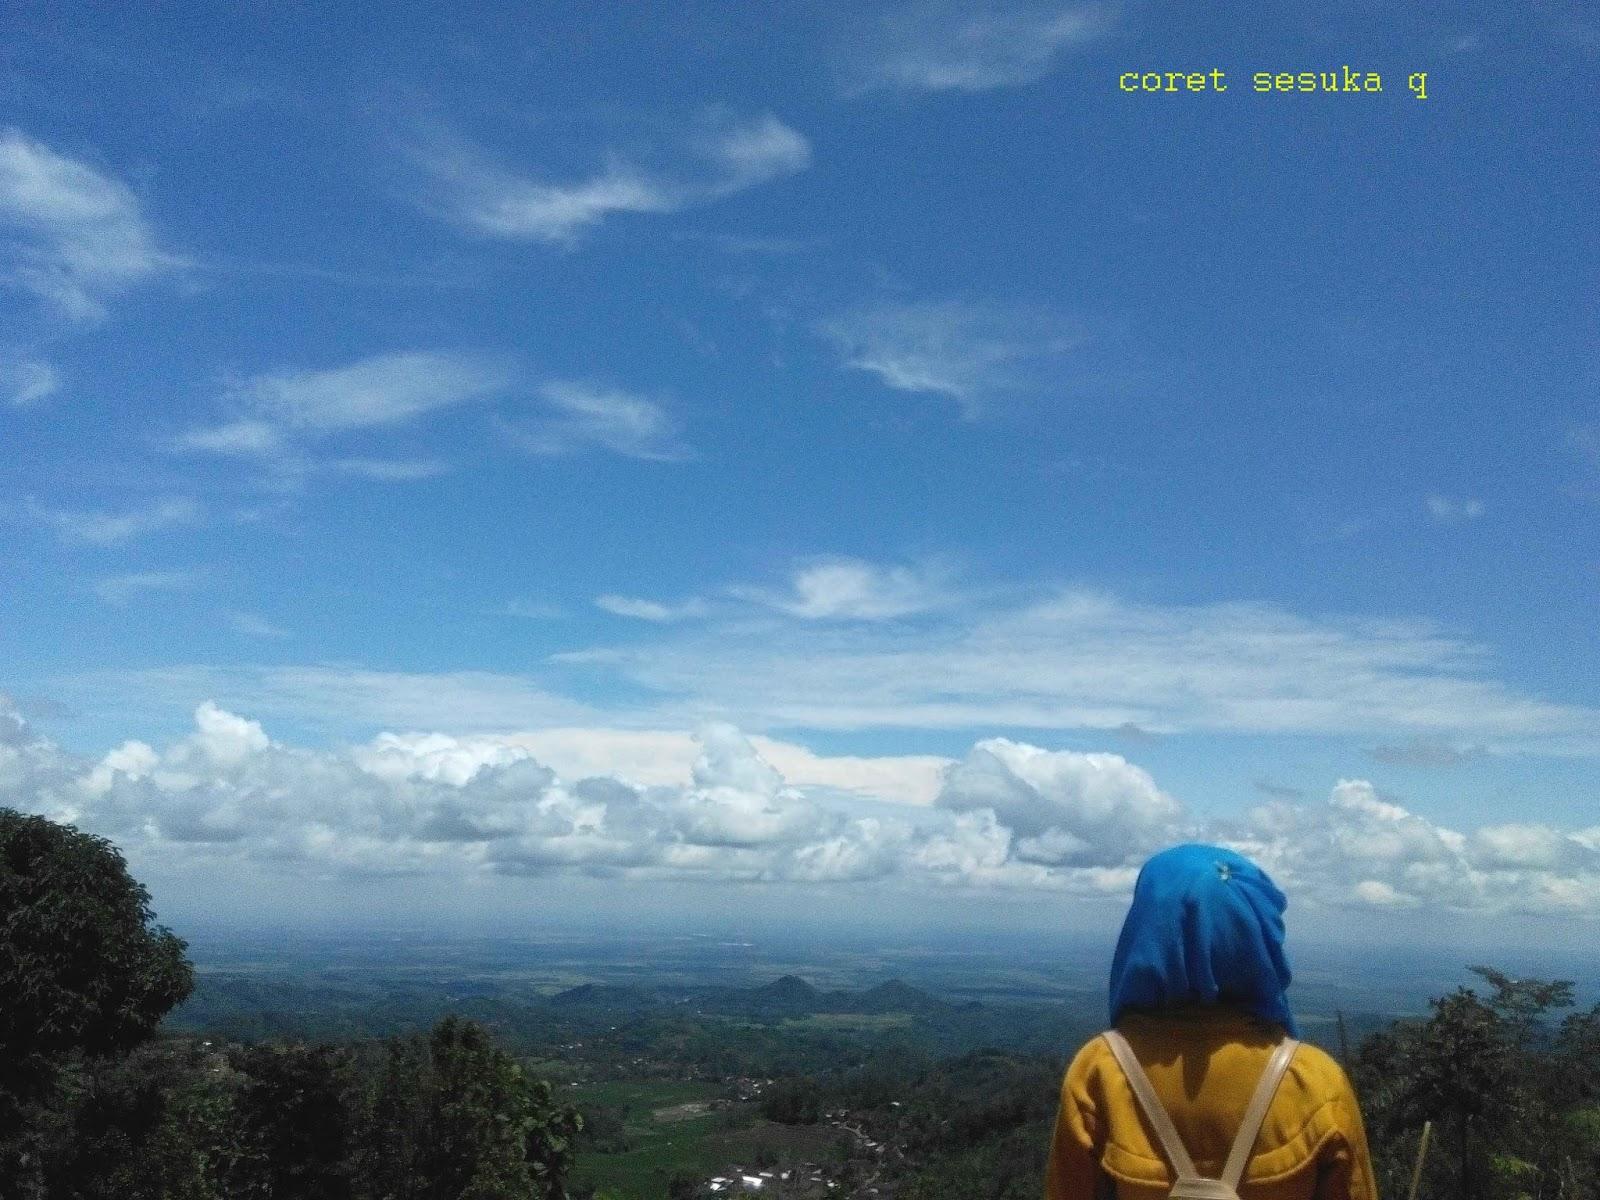 Watu Jonggol Ngawi Ngebolang Coret Sesuka View Diarea Parkir Wisata